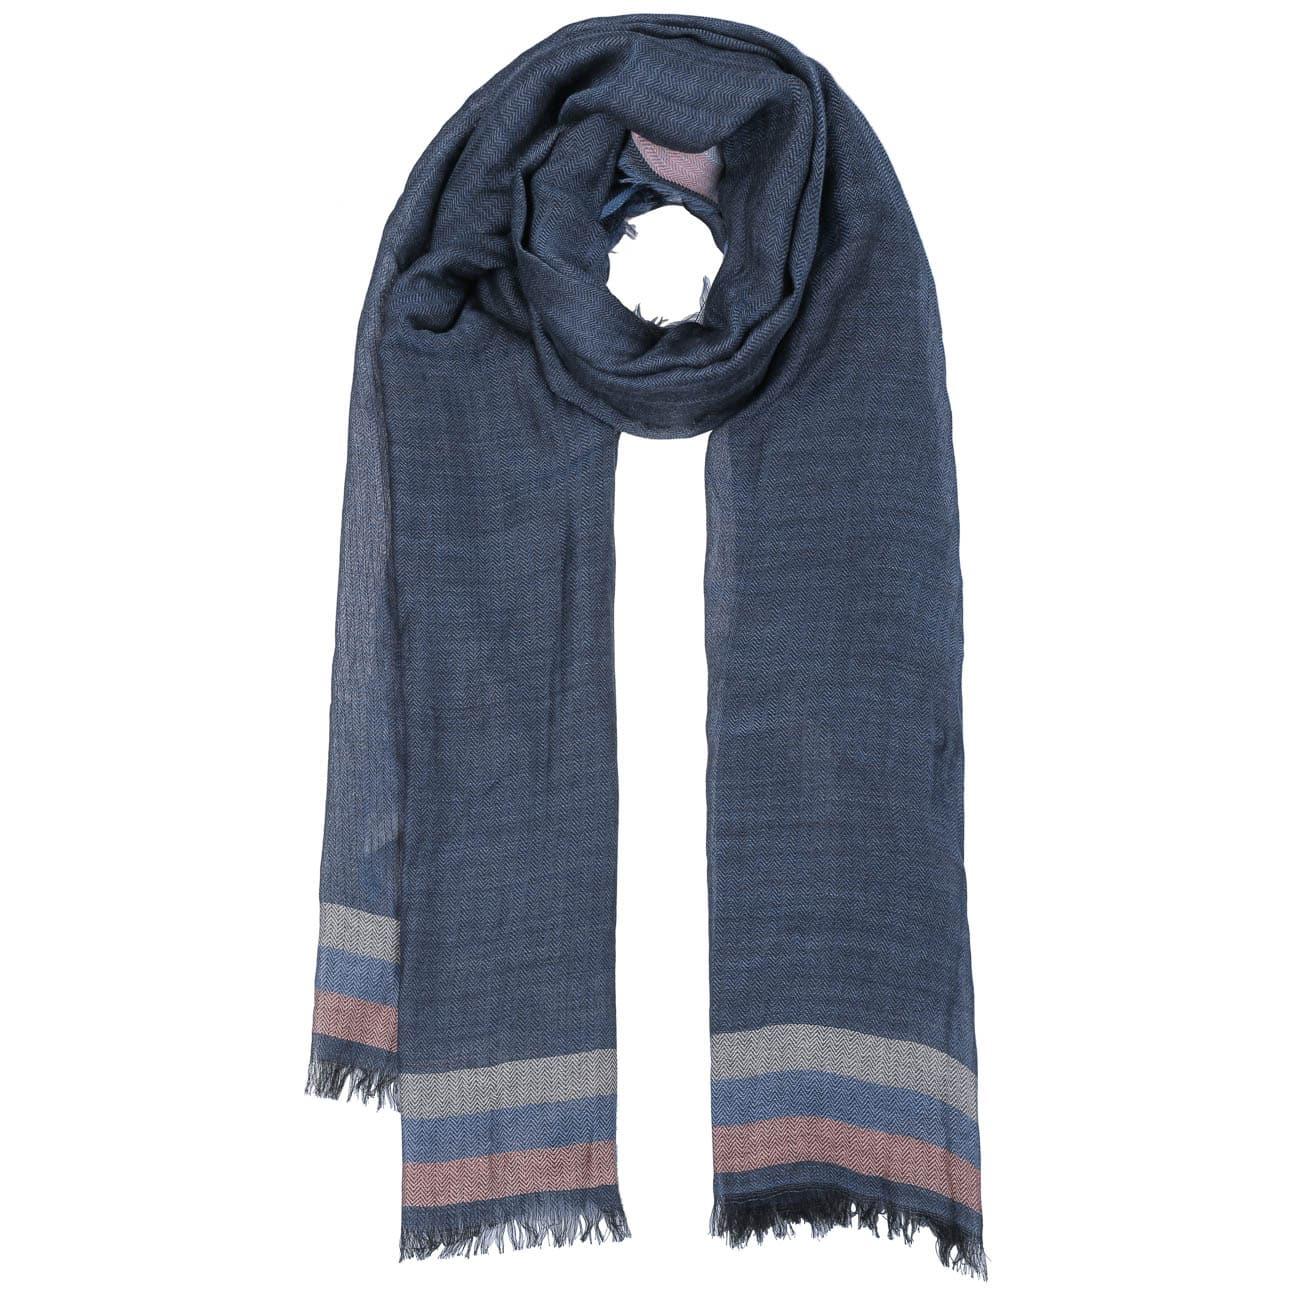 Bufanda Herringbone Stripes Wool-Mix by Passigatti